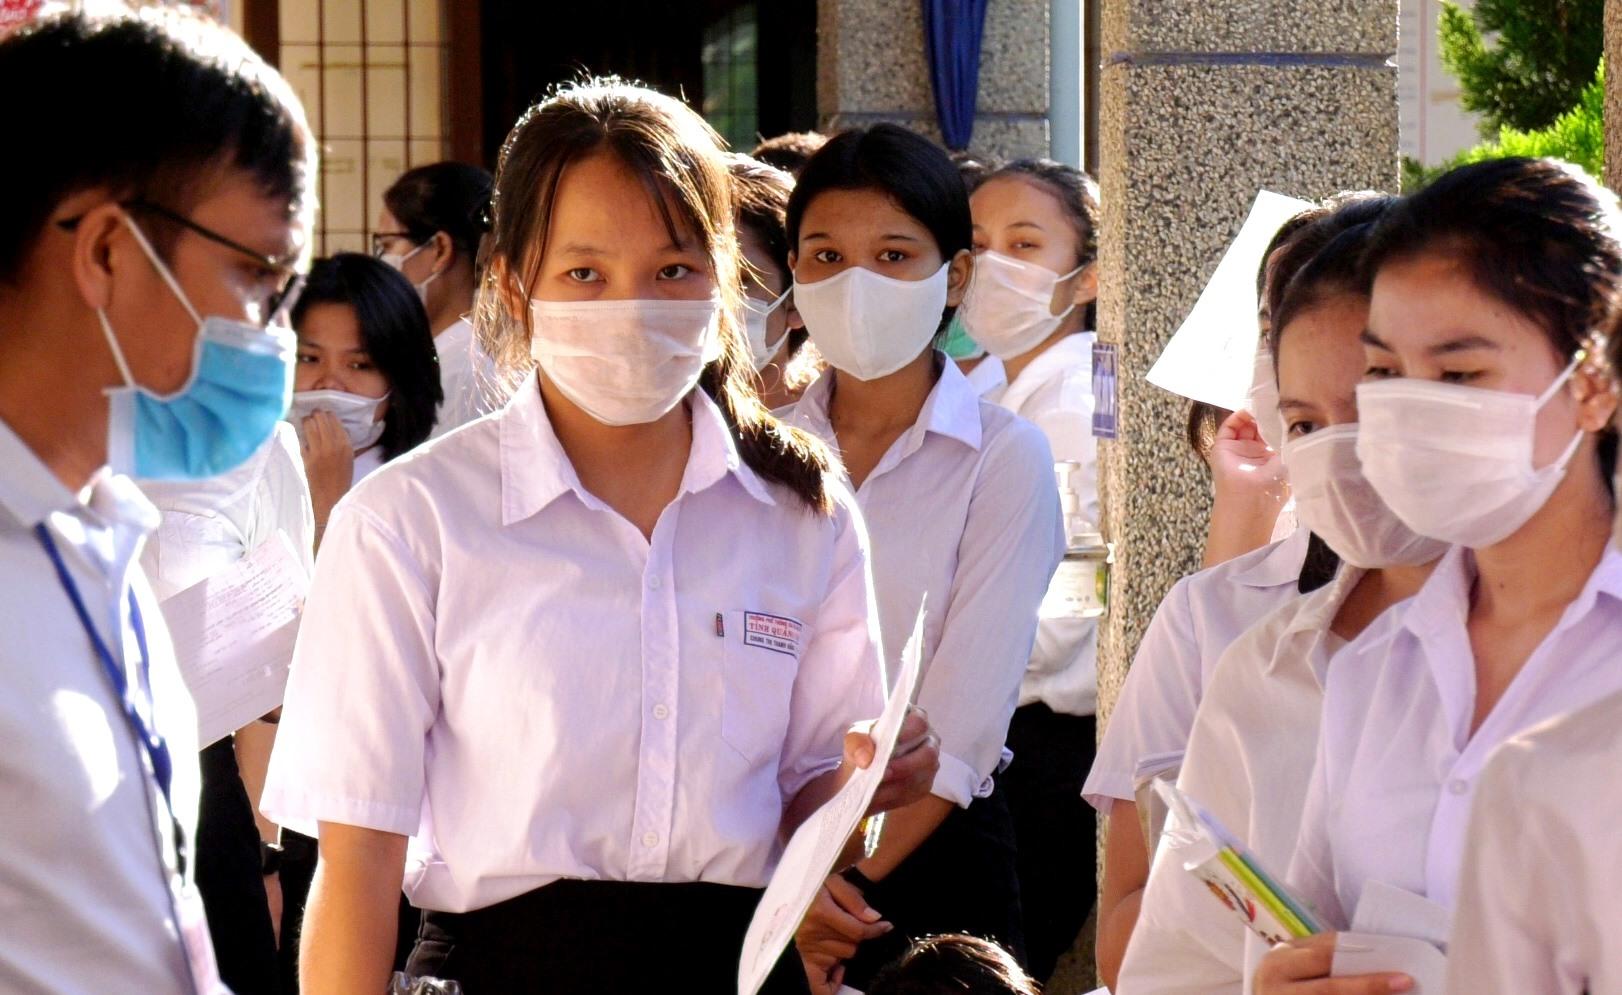 Các thí sinh tại điểm thi Trường Phổ thông Dân tộc nội trú THCS huyện Nam Giang chuẩn bị tâm lý trước giờ thi. Ảnh: V.K